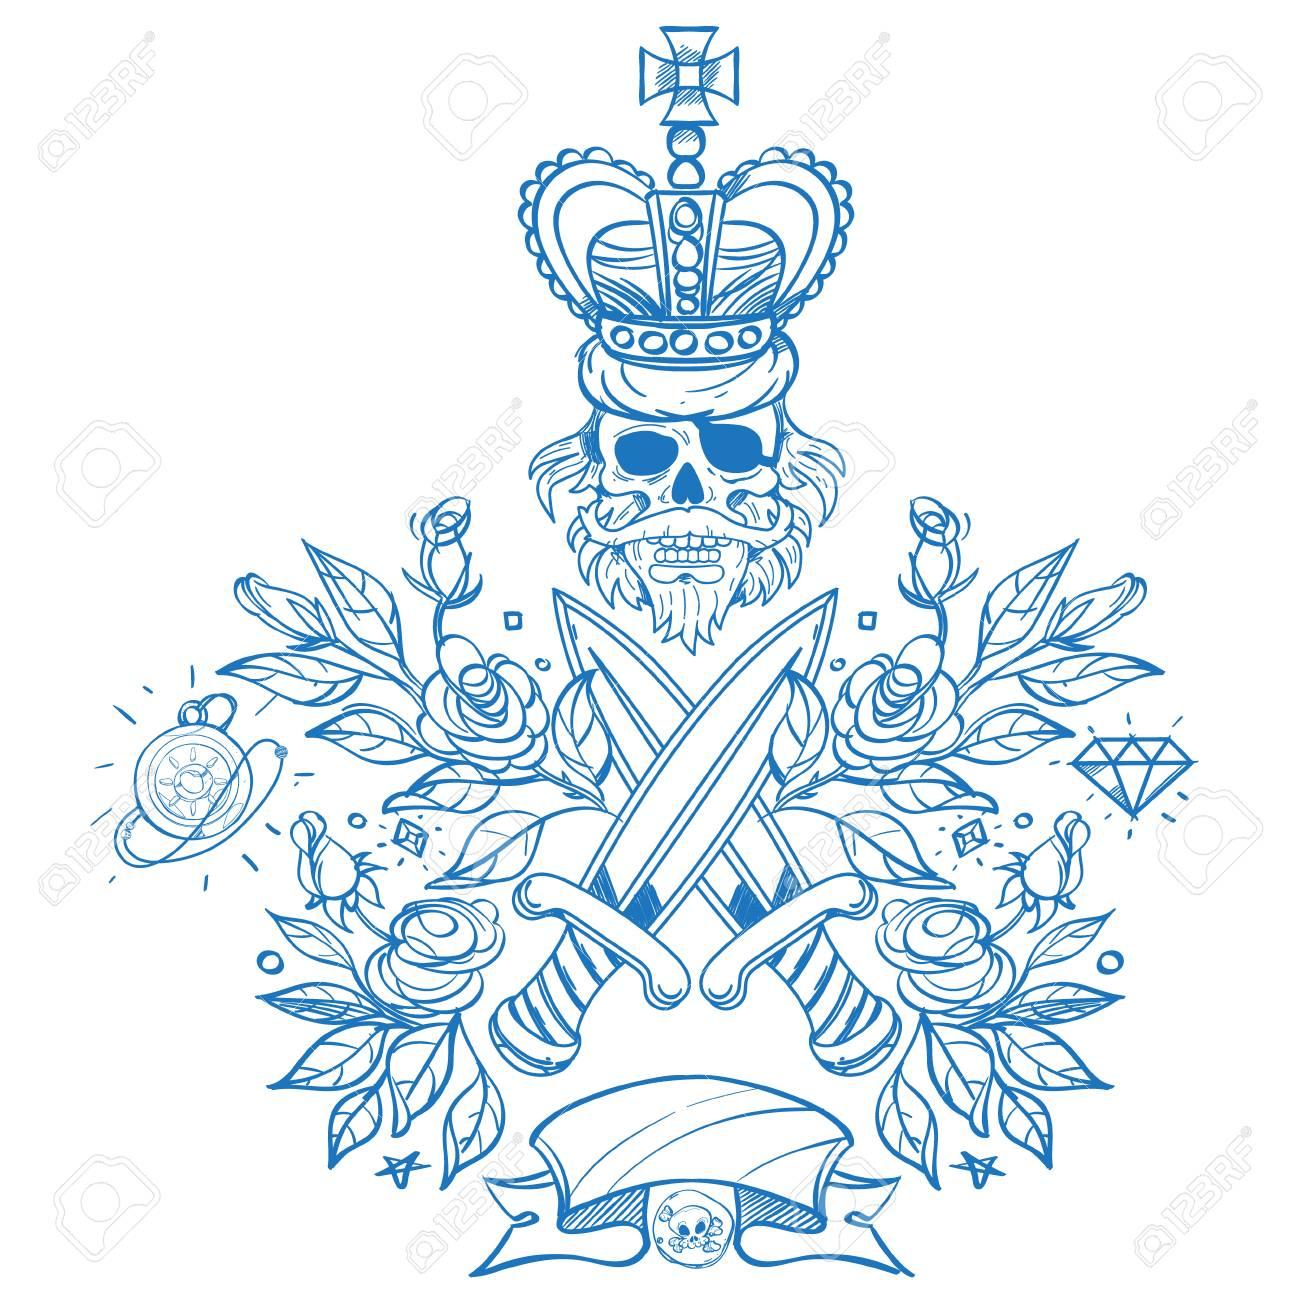 Bosquejo De Tatuaje Con Un Cráneo Dagas Y Rosas Esquema De Ilustración Para Colorear Con El Jolly Roger Dibujo De Un Pirata Y Flores Para El Diseño